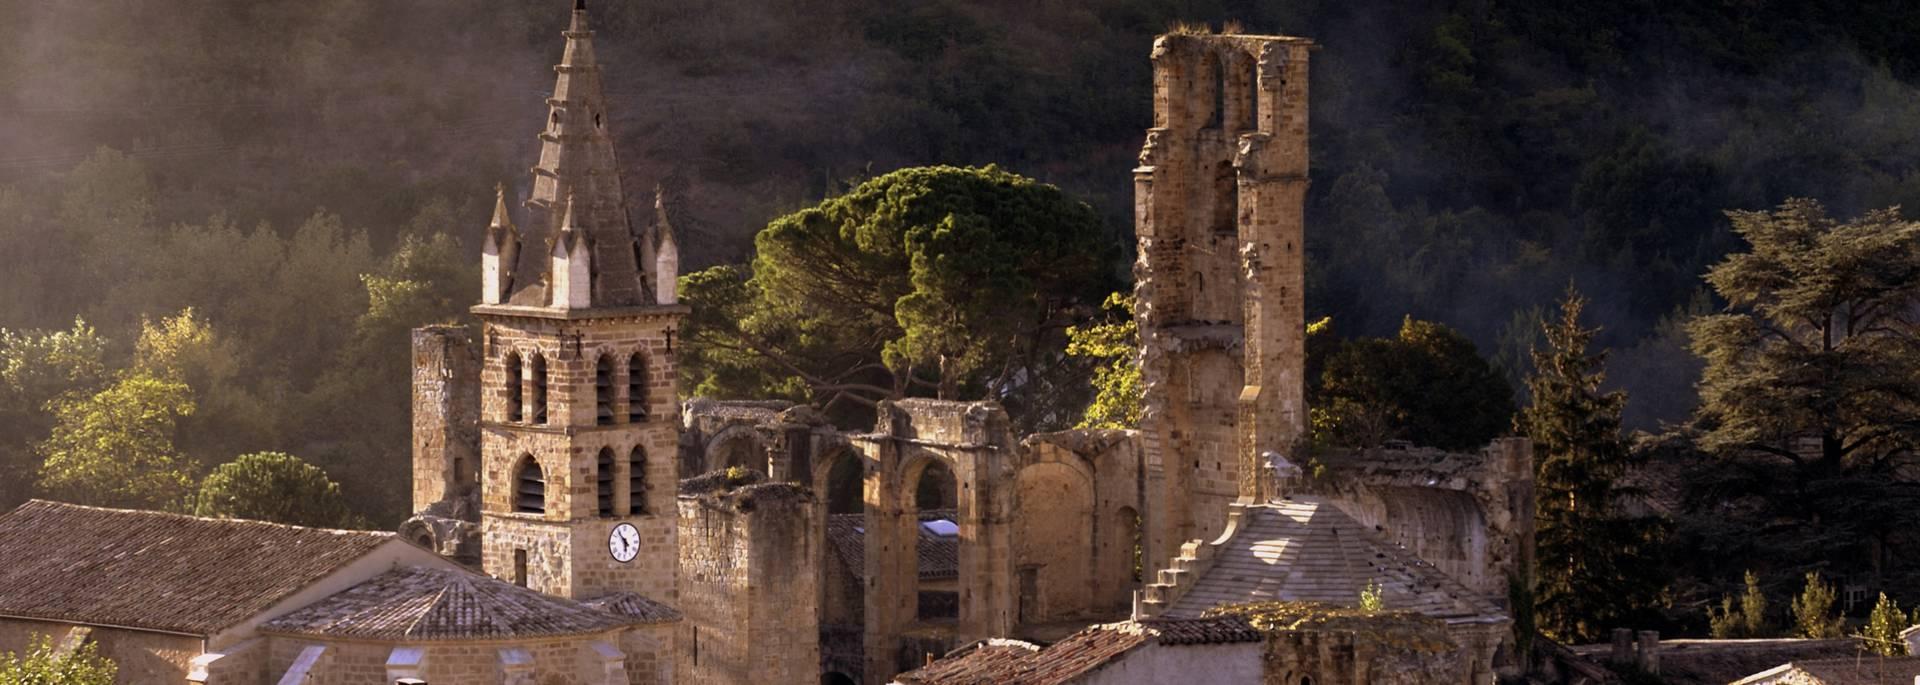 Abbaye d'Alet-les-Bains